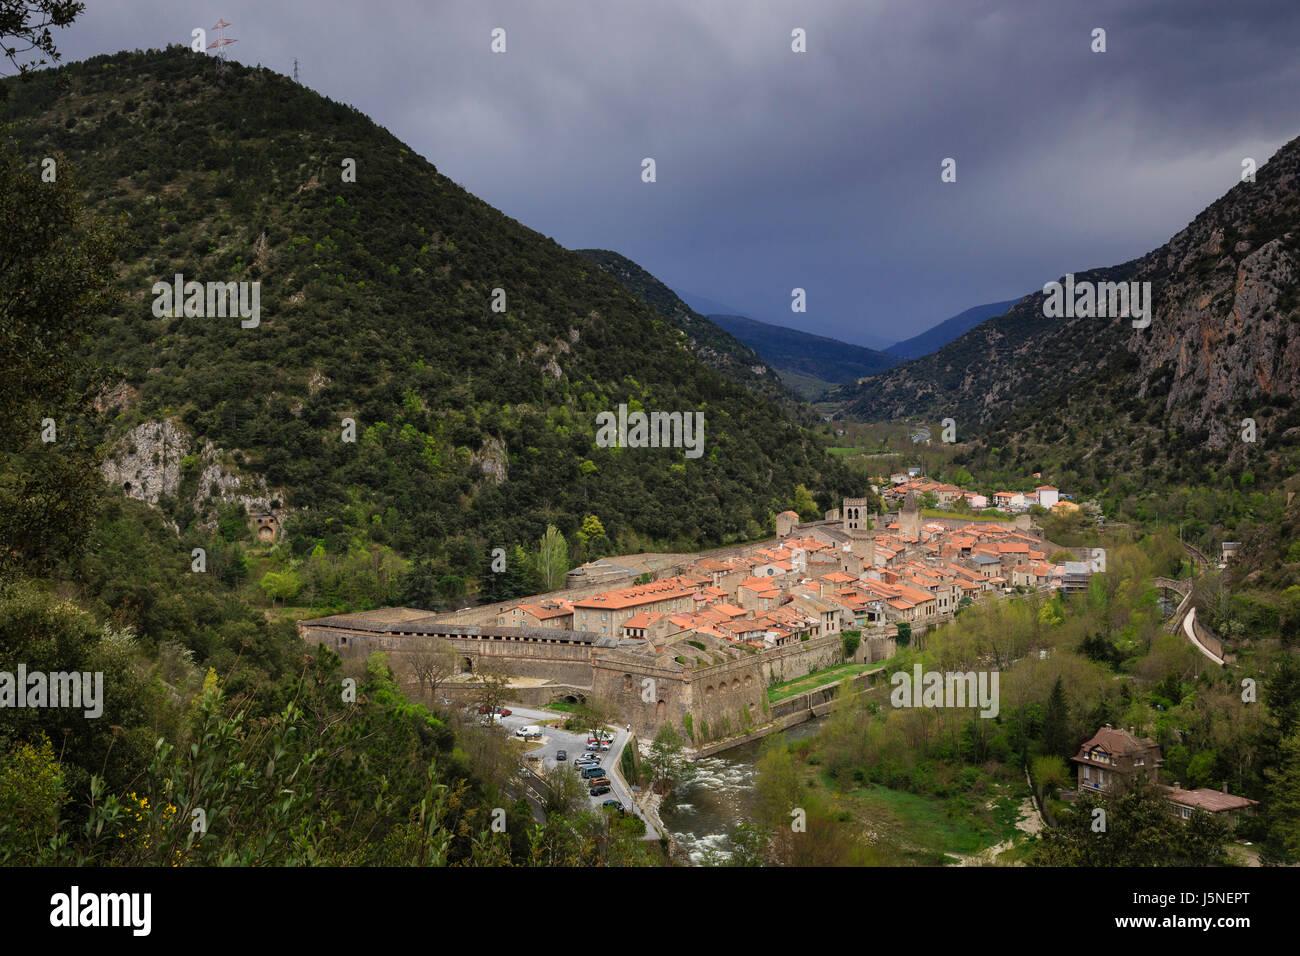 France, Pyrenees Orientales, Villefranche de Conflent, labelled Les Plus Beaux Villages de France (Most beautiful - Stock Image